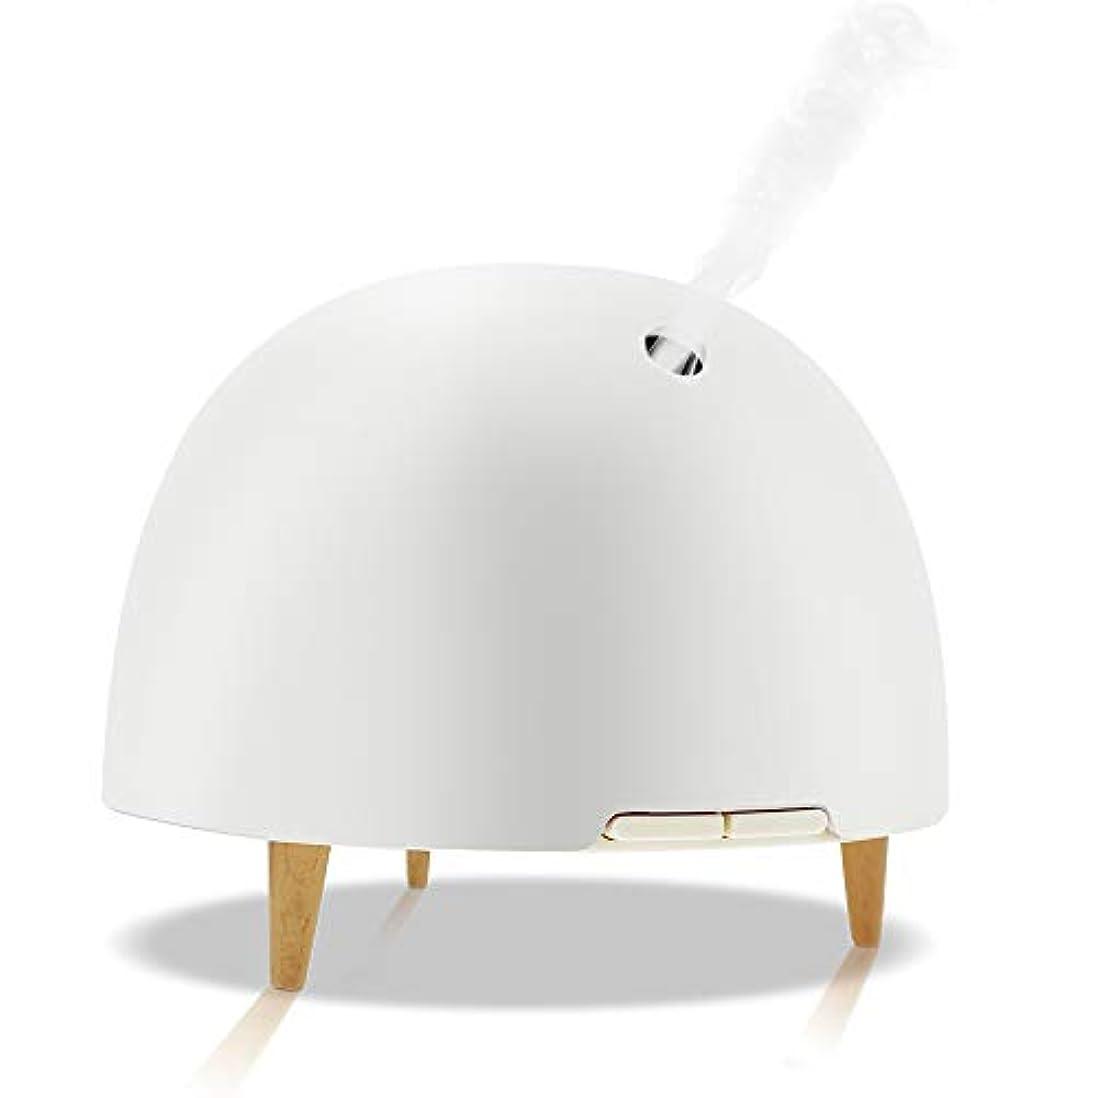 背景二度骨純粋なエッセンシャルオイルアロマテラピーマシン、アロマテラピーエッセンシャルオイルディフューザークールミスト加湿器7色ライト、家庭用、仕事,White